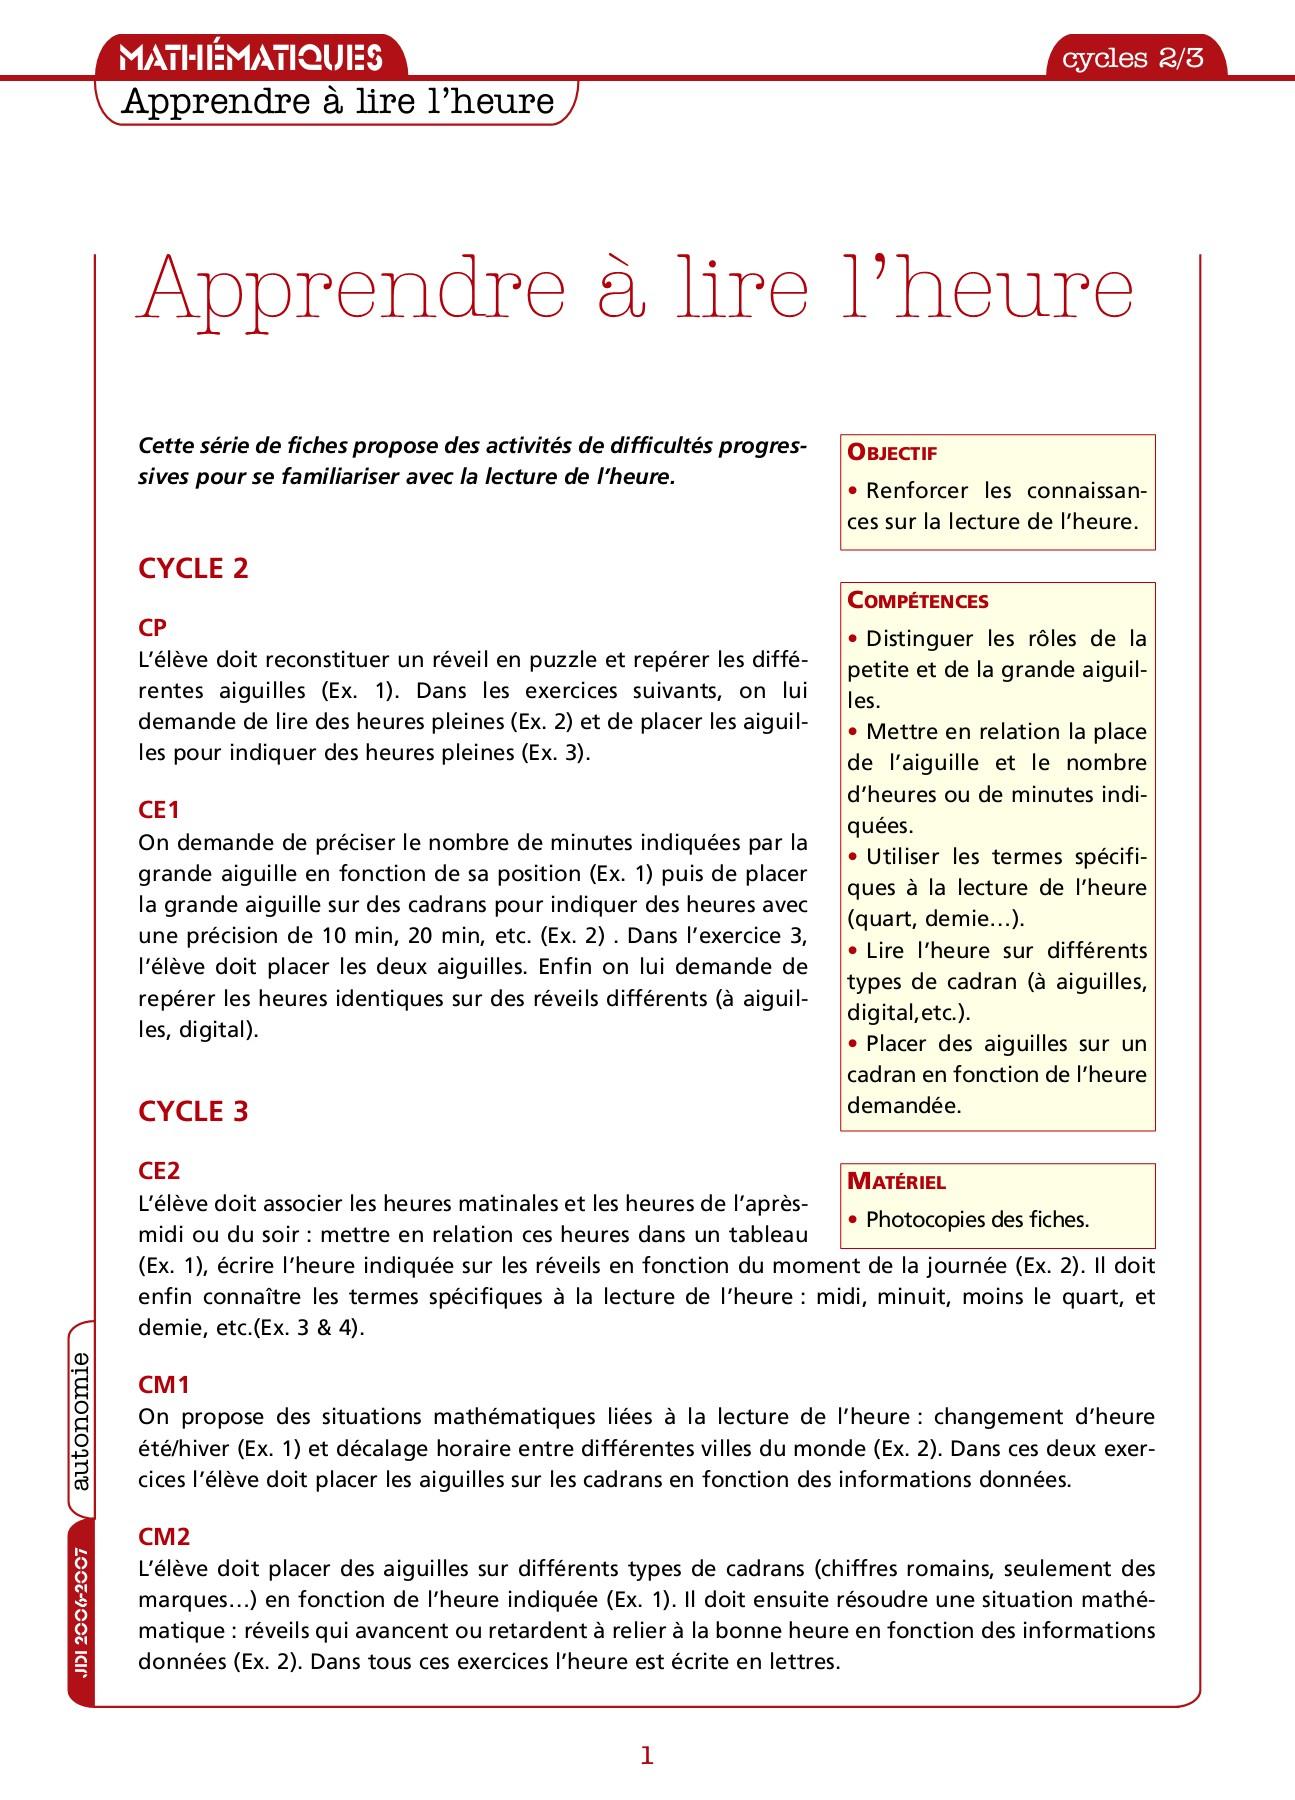 Exercices-Lire-L-Heure-Cp intérieur Exercice Chiffre Romain